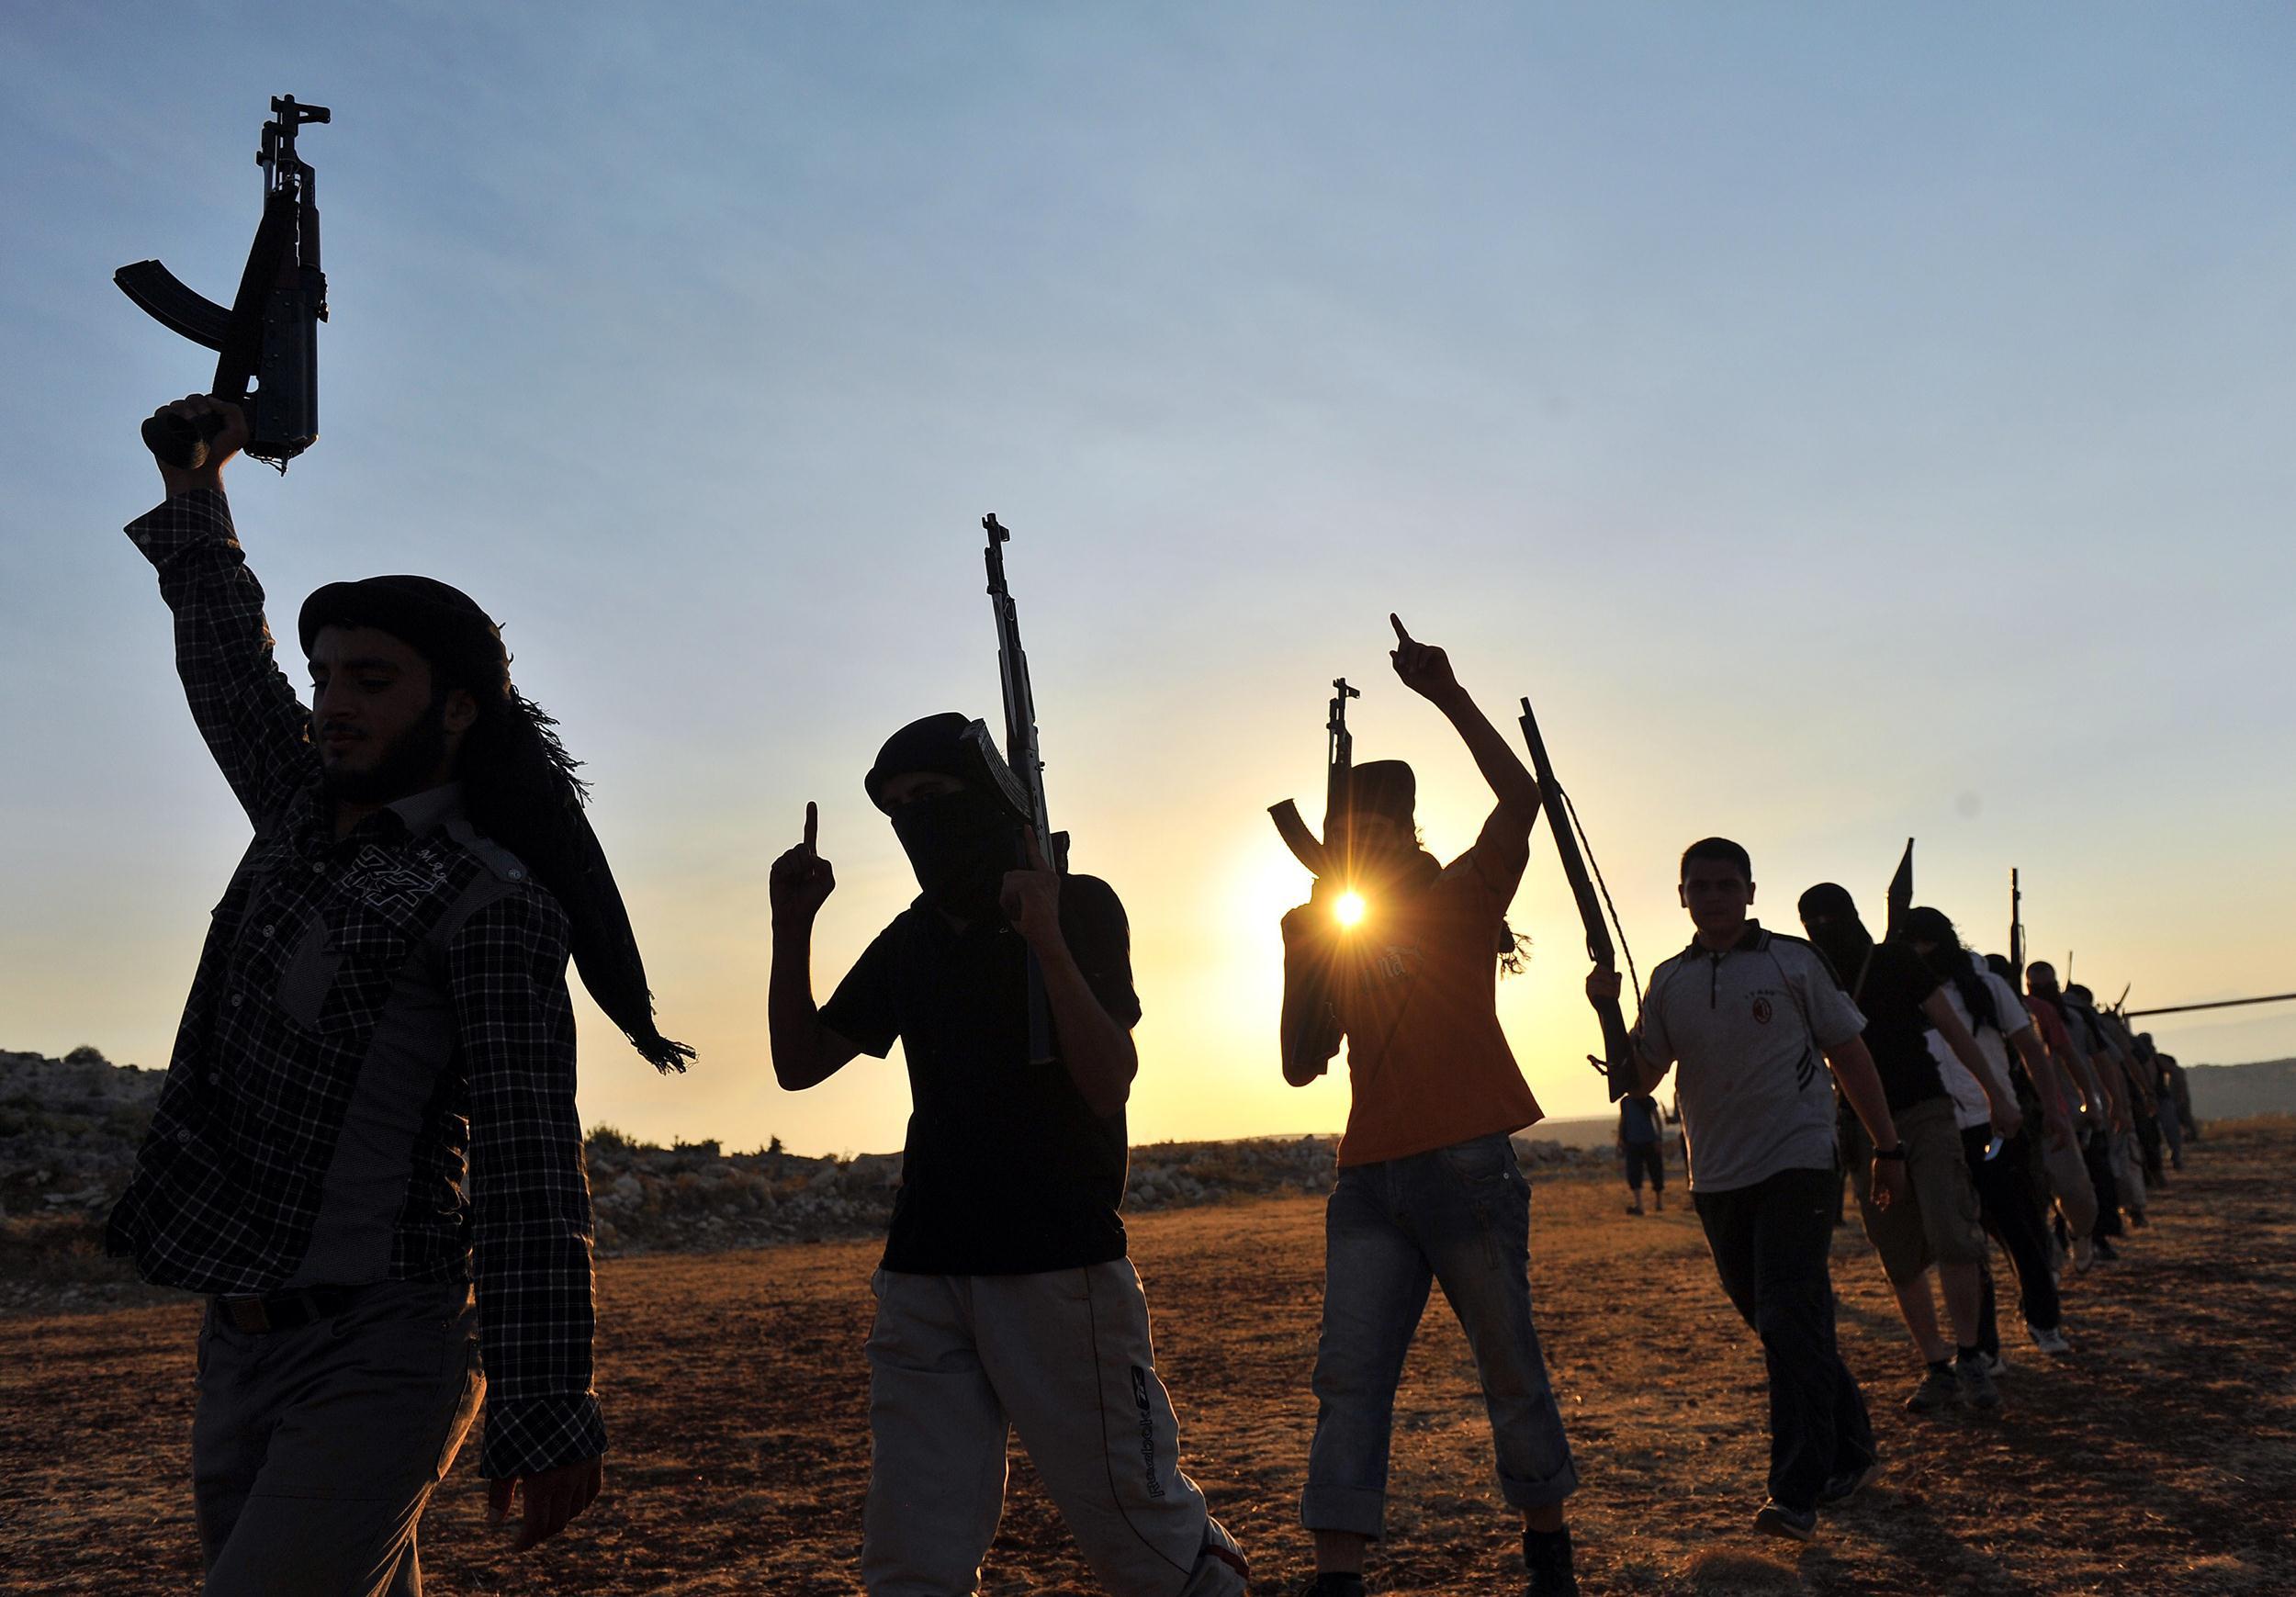 مجلس الشيوخ الفرنسي : 1700 إرهابي مغربي في تنظيم 'داعش' !